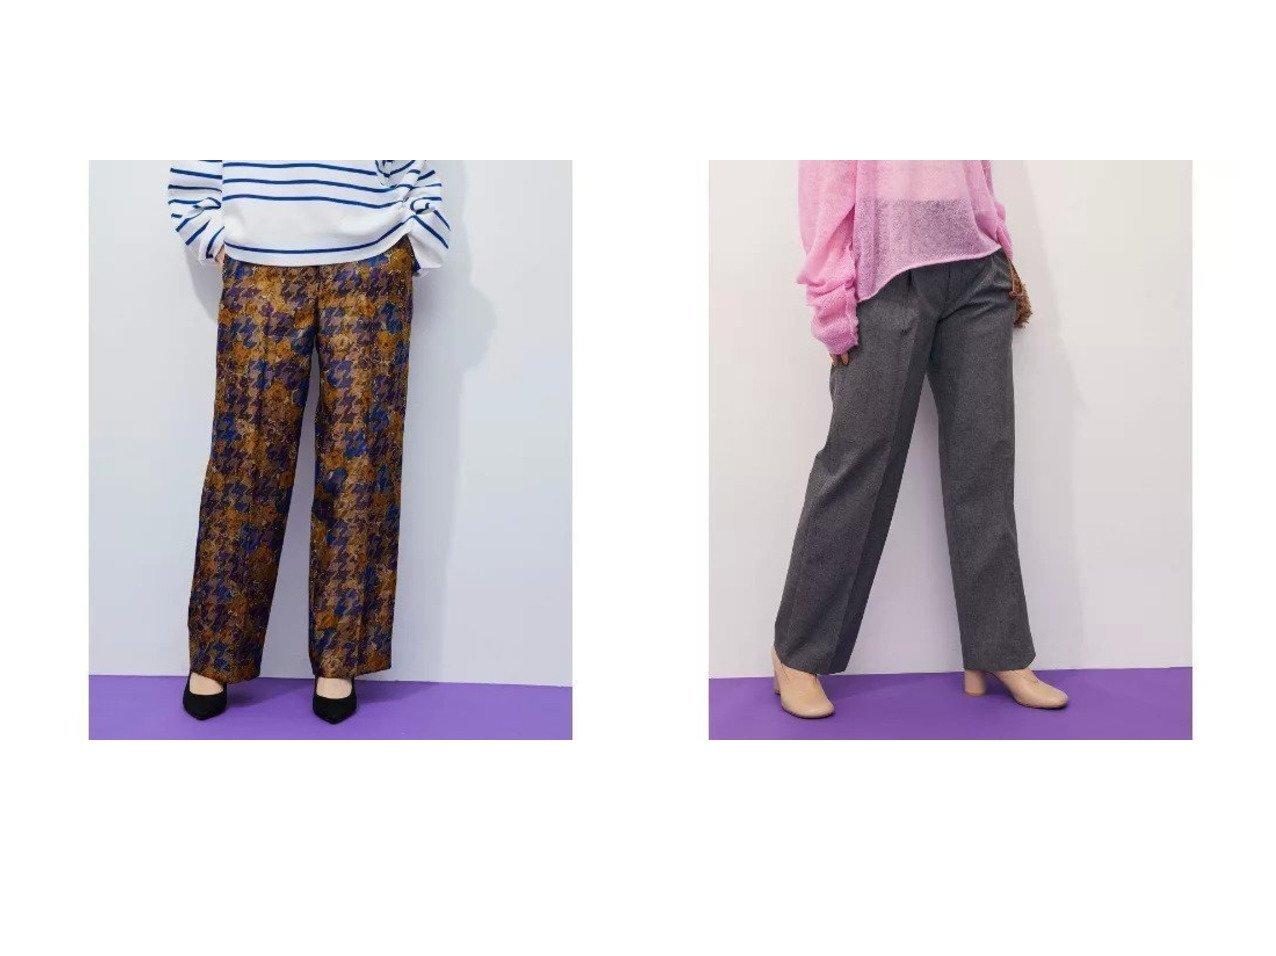 【ADAM ET ROPE'/アダム エ ロペ】の【セットアップ対応】千鳥ジャガードプリントパンツ&【セットアップ対応】ライトツイードスラックス 【パンツ】おすすめ!人気、トレンド・レディースファッションの通販 おすすめで人気の流行・トレンド、ファッションの通販商品 インテリア・家具・メンズファッション・キッズファッション・レディースファッション・服の通販 founy(ファニー) https://founy.com/ ファッション Fashion レディースファッション WOMEN セットアップ Setup パンツ Pants アクセサリー ヴィンテージ クラシック シンプル セットアップ センター プリント ポケット A/W・秋冬 AW・Autumn/Winter・FW・Fall-Winter 2021年 2021 2021-2022秋冬・A/W AW・Autumn/Winter・FW・Fall-Winter・2021-2022 サンダル ジャケット スニーカー スポーツ スラックス ツイード パターン メンズ ランダム おすすめ Recommend |ID:crp329100000059139